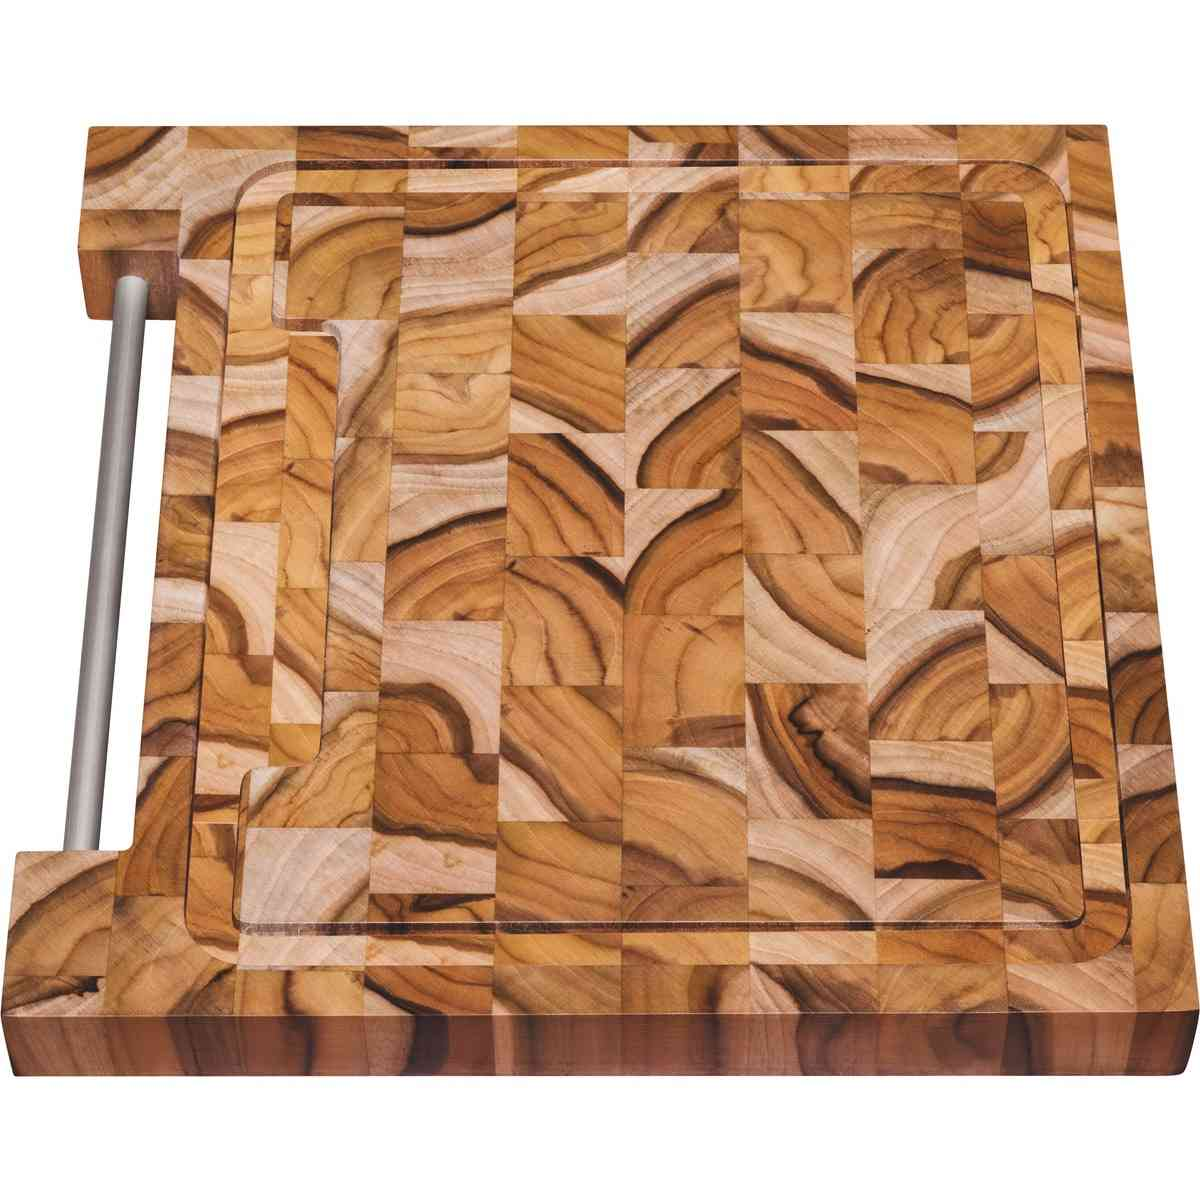 Tábua para Churrasco Tramontina Quadrada em Madeira Invertida Teca com Acabamento Envernizado 30 x 30 cm Tramontina 10100050